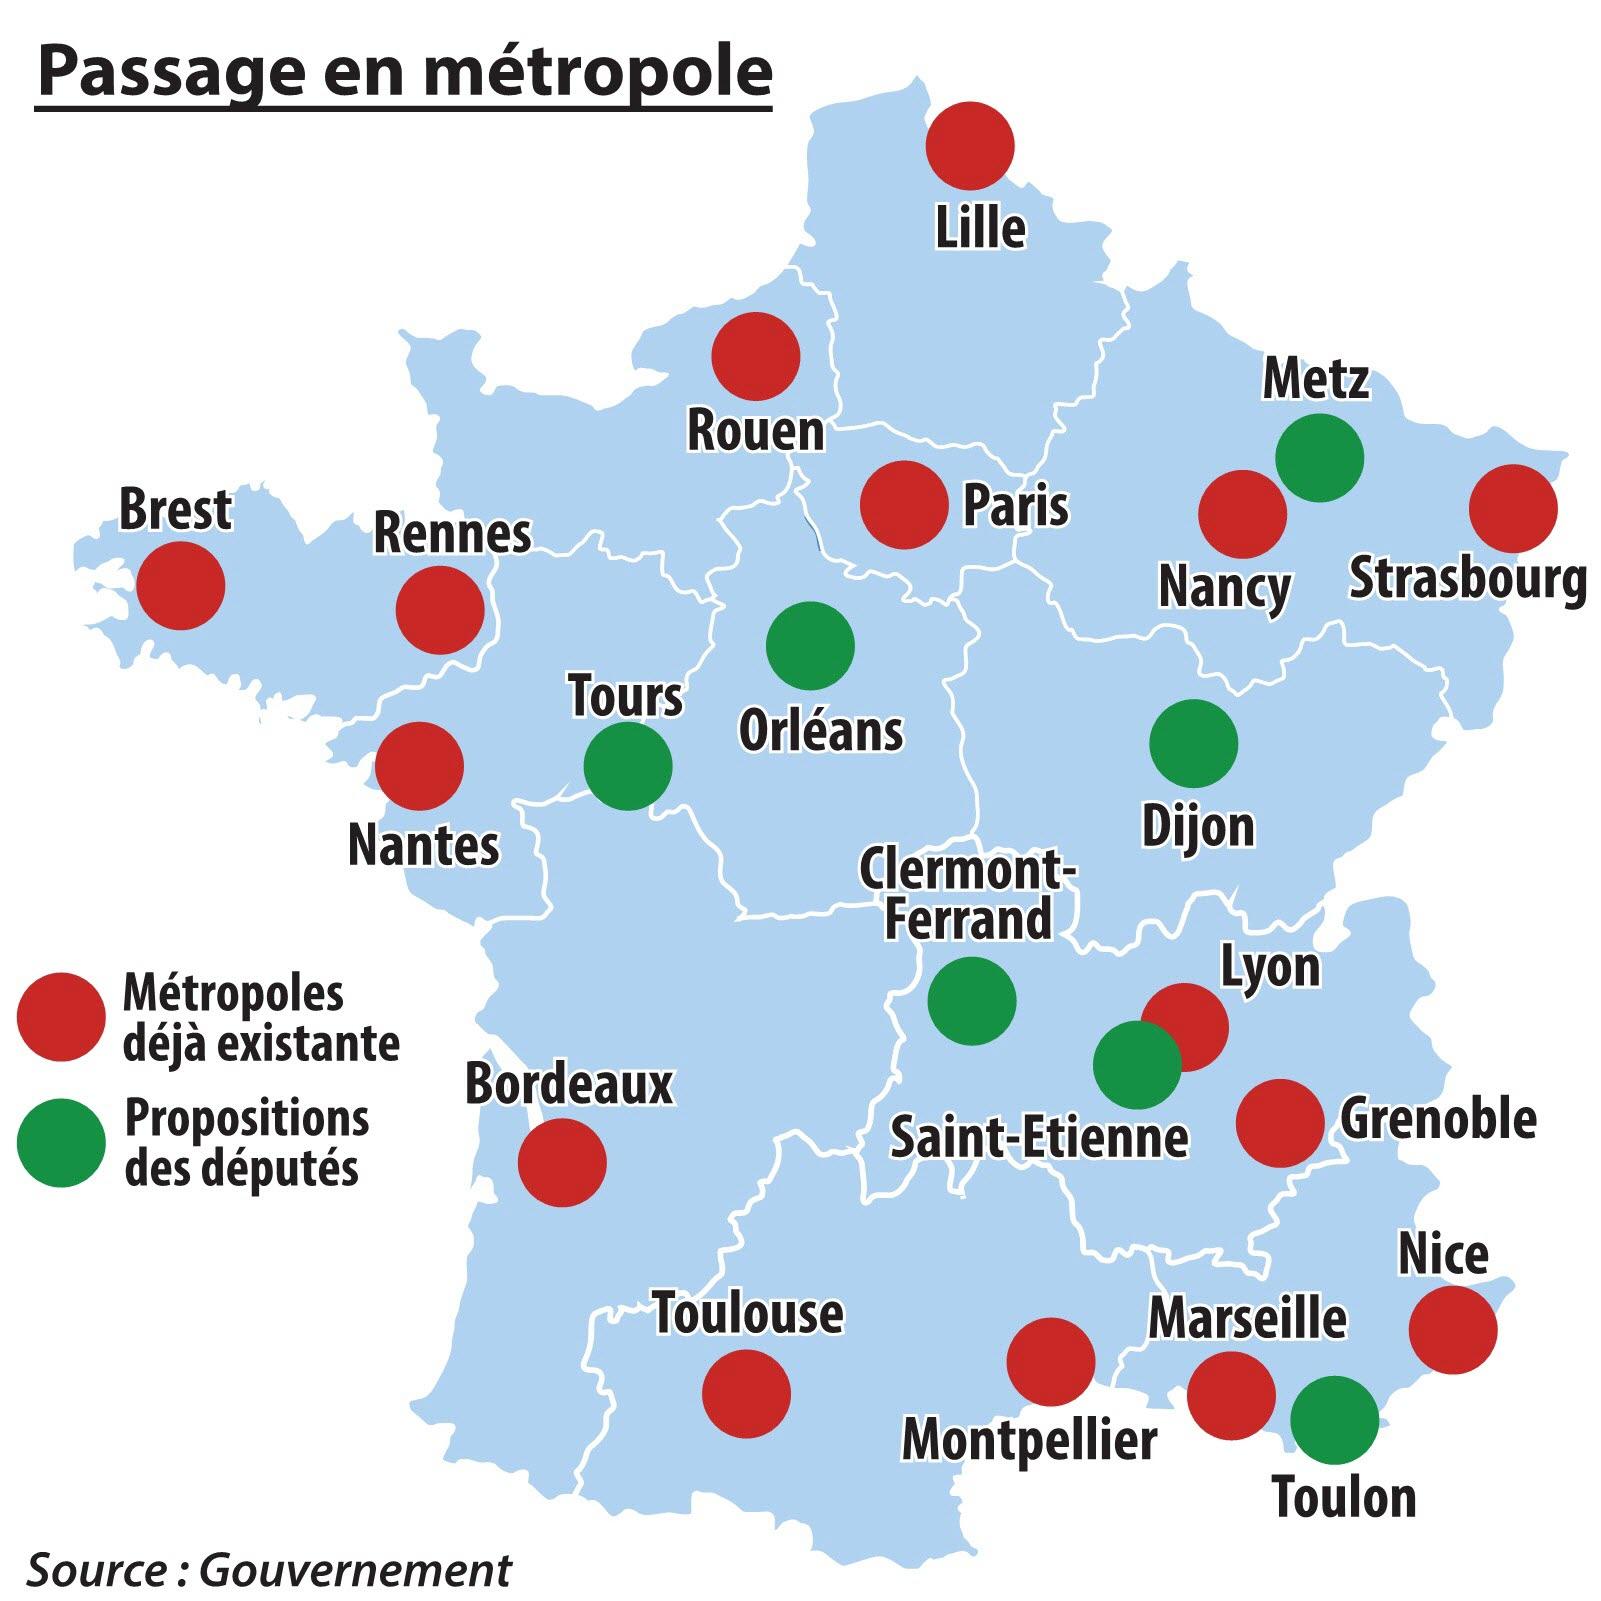 Politique | Metz Sur La Carte De France Des Grandes Villes concernant Carte De France Avec Grandes Villes